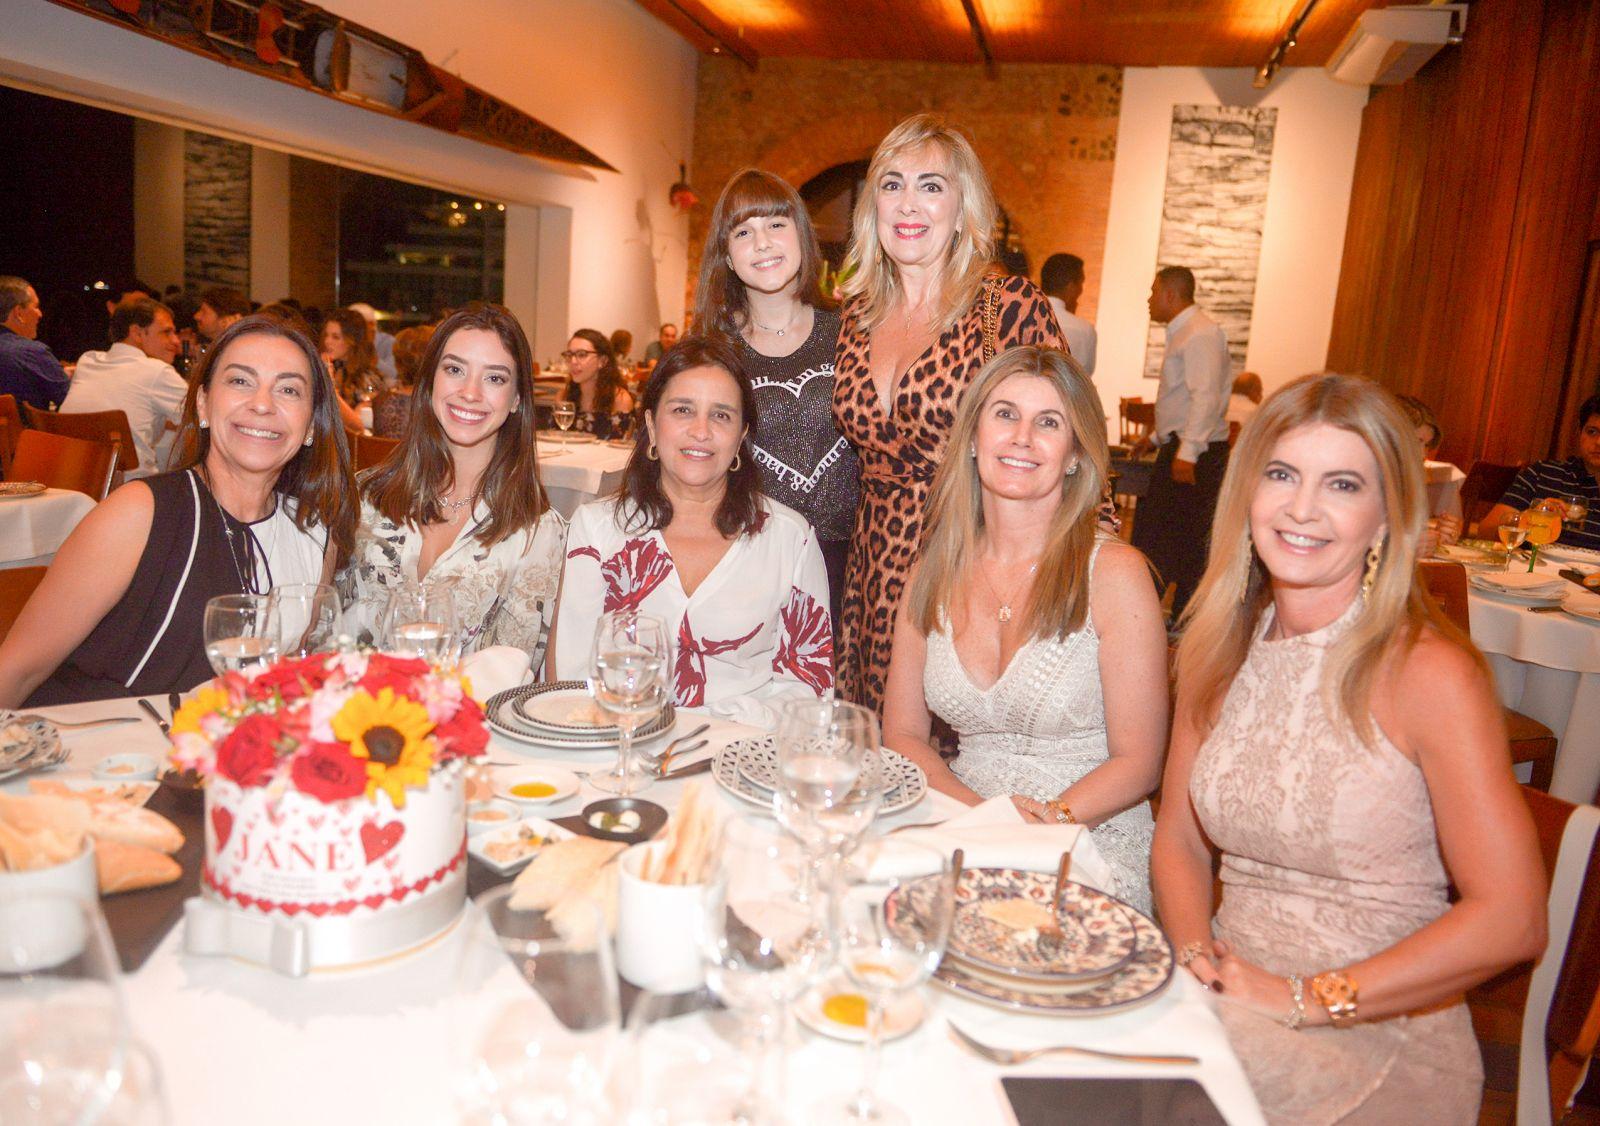 Jane Rocha levou uma turma de amigas para comemorar seu aniversário no Amado ontem(15)